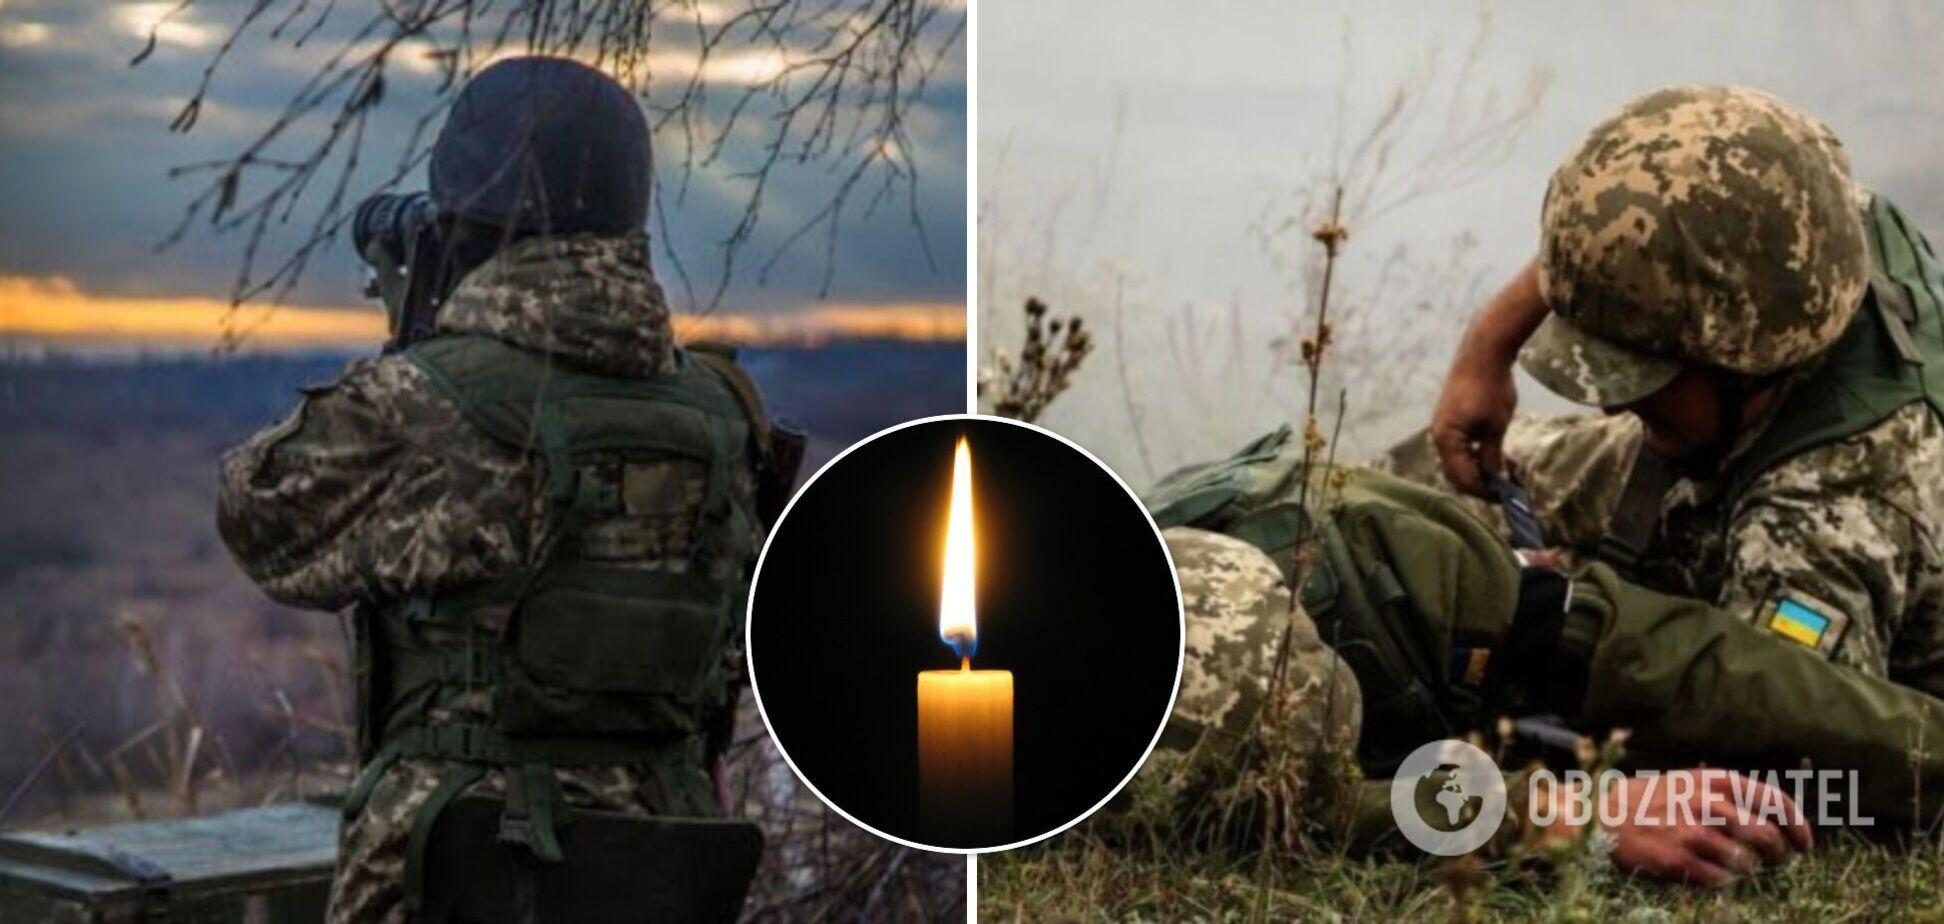 Названы имена украинских военных, погибших 26 марта на Донбассе